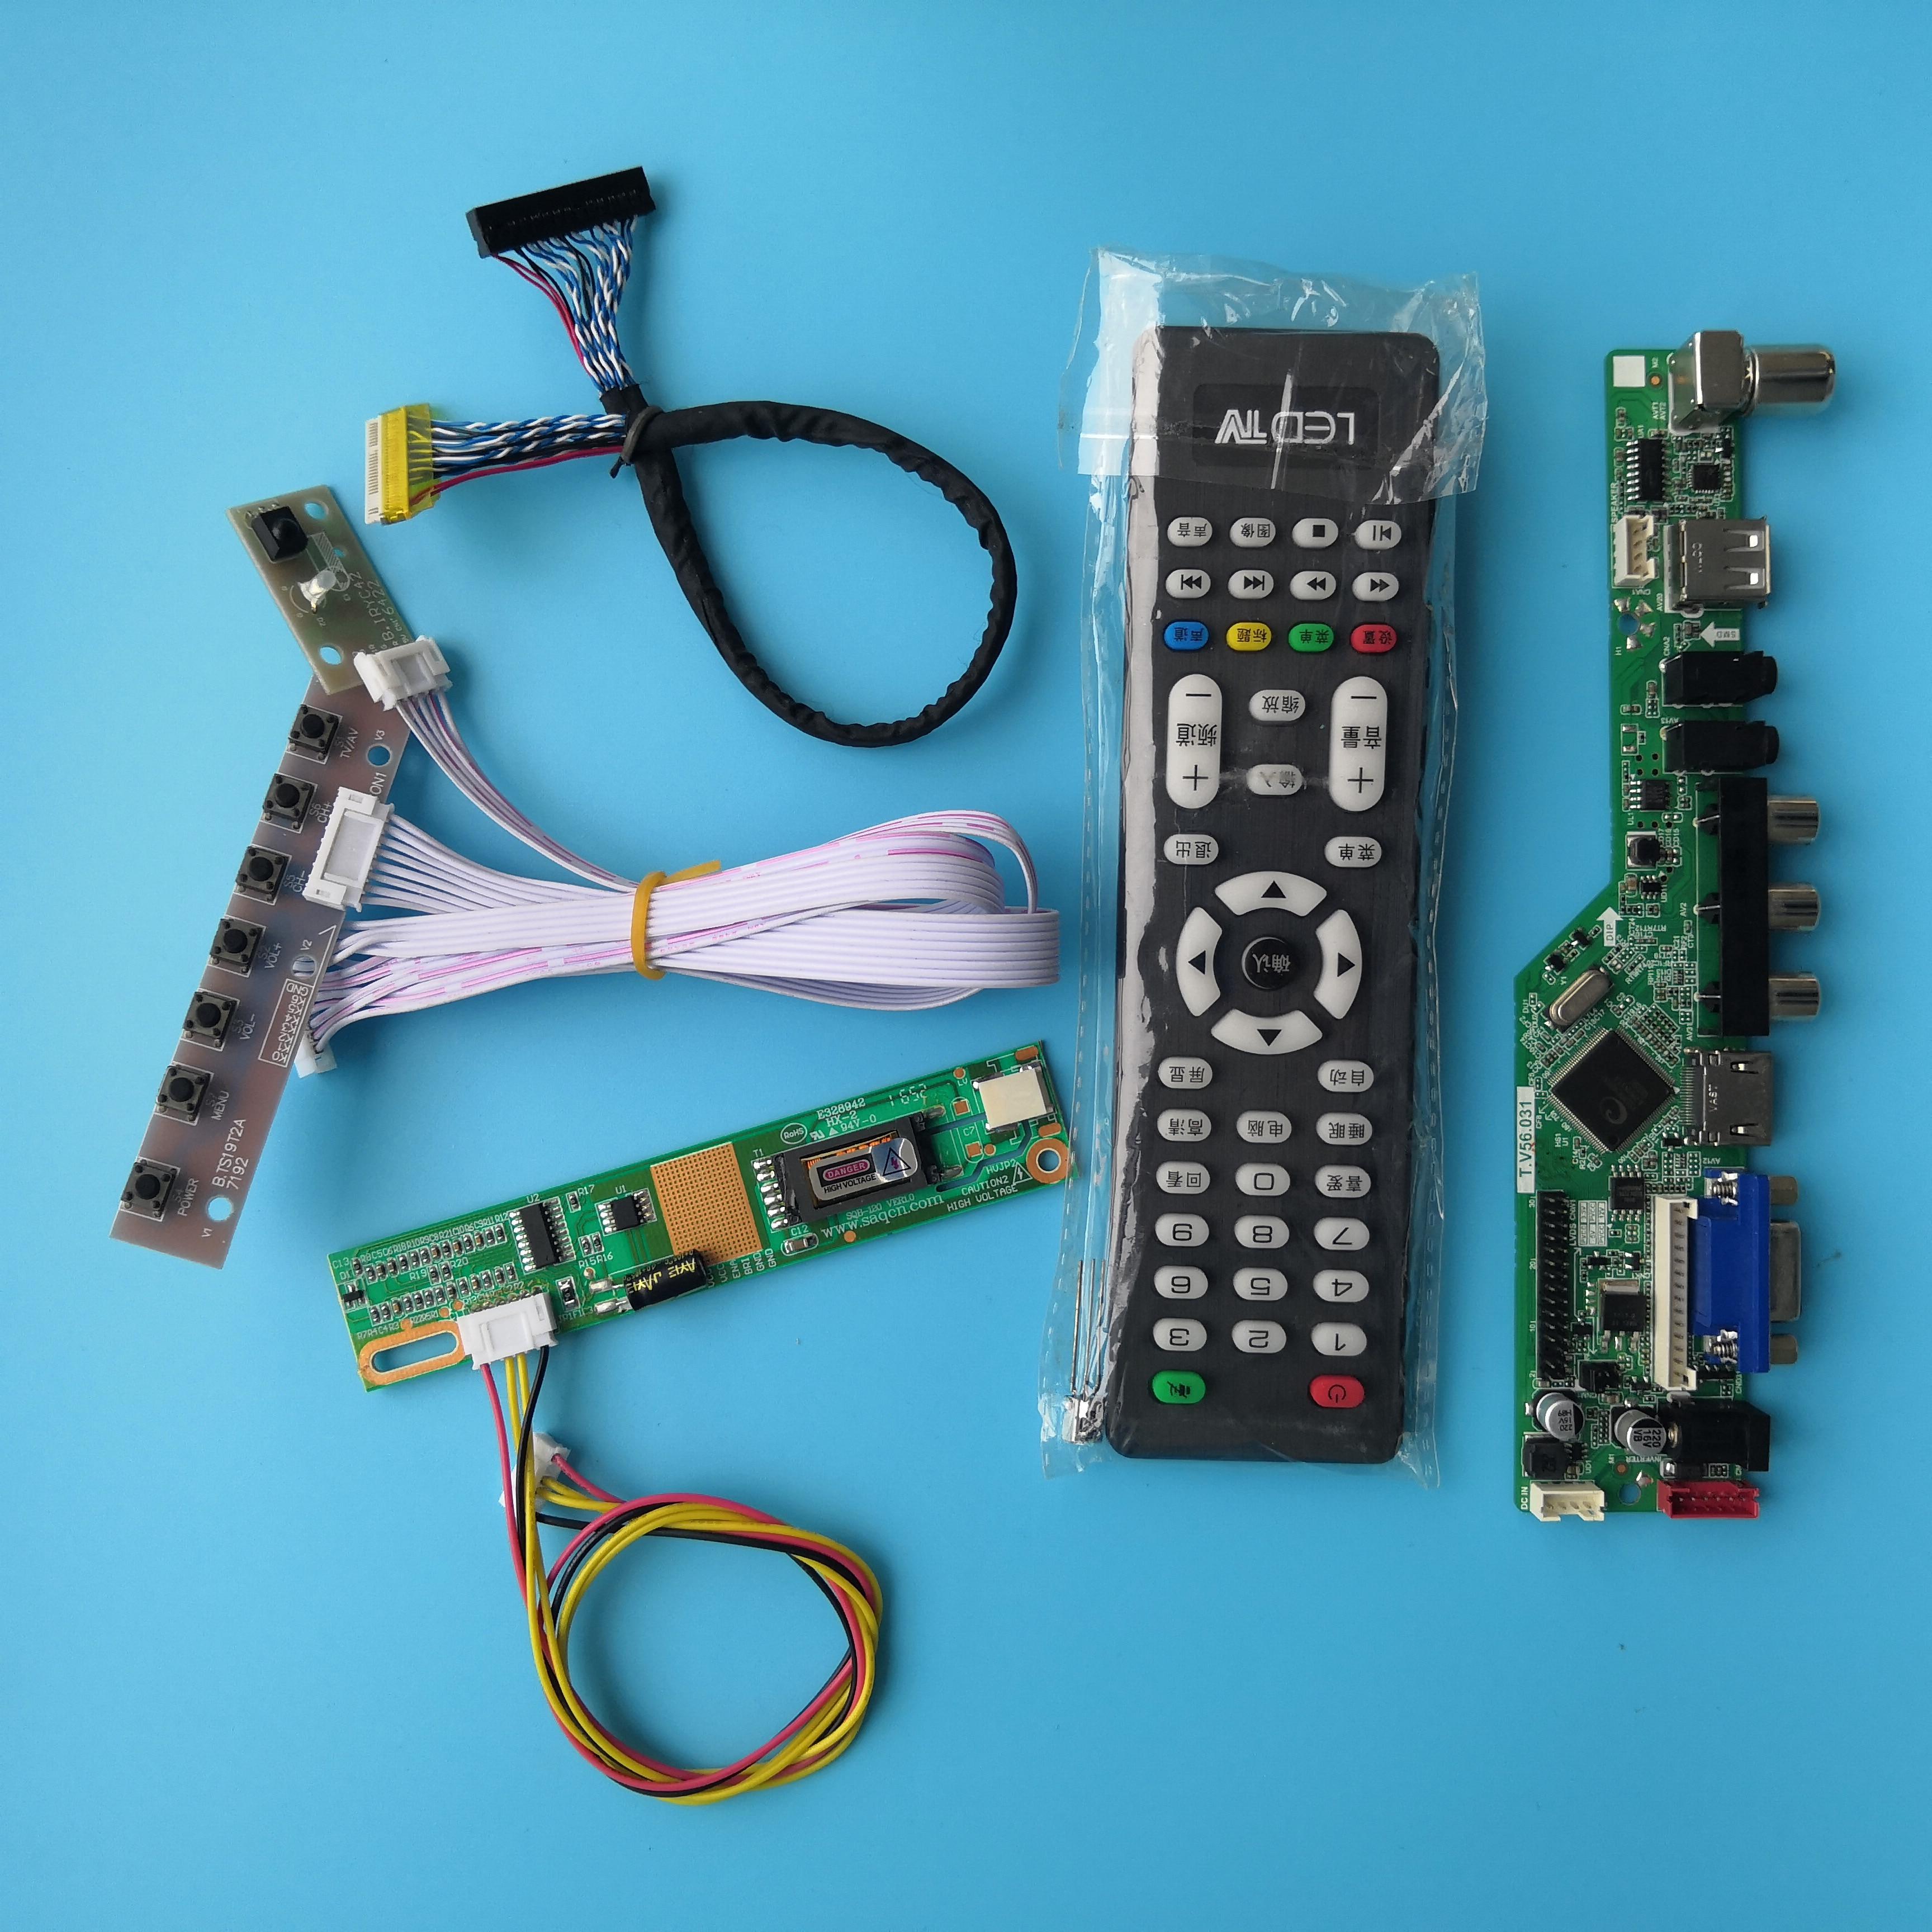 لوحة تحكم في التلفزيون لوحدة N150X3 -L05 ، 30 دبوس ، دقة إشارة رقمية AV VGA 1 ، مصابيح 15 بوصة ، لوحة أم 1024X768